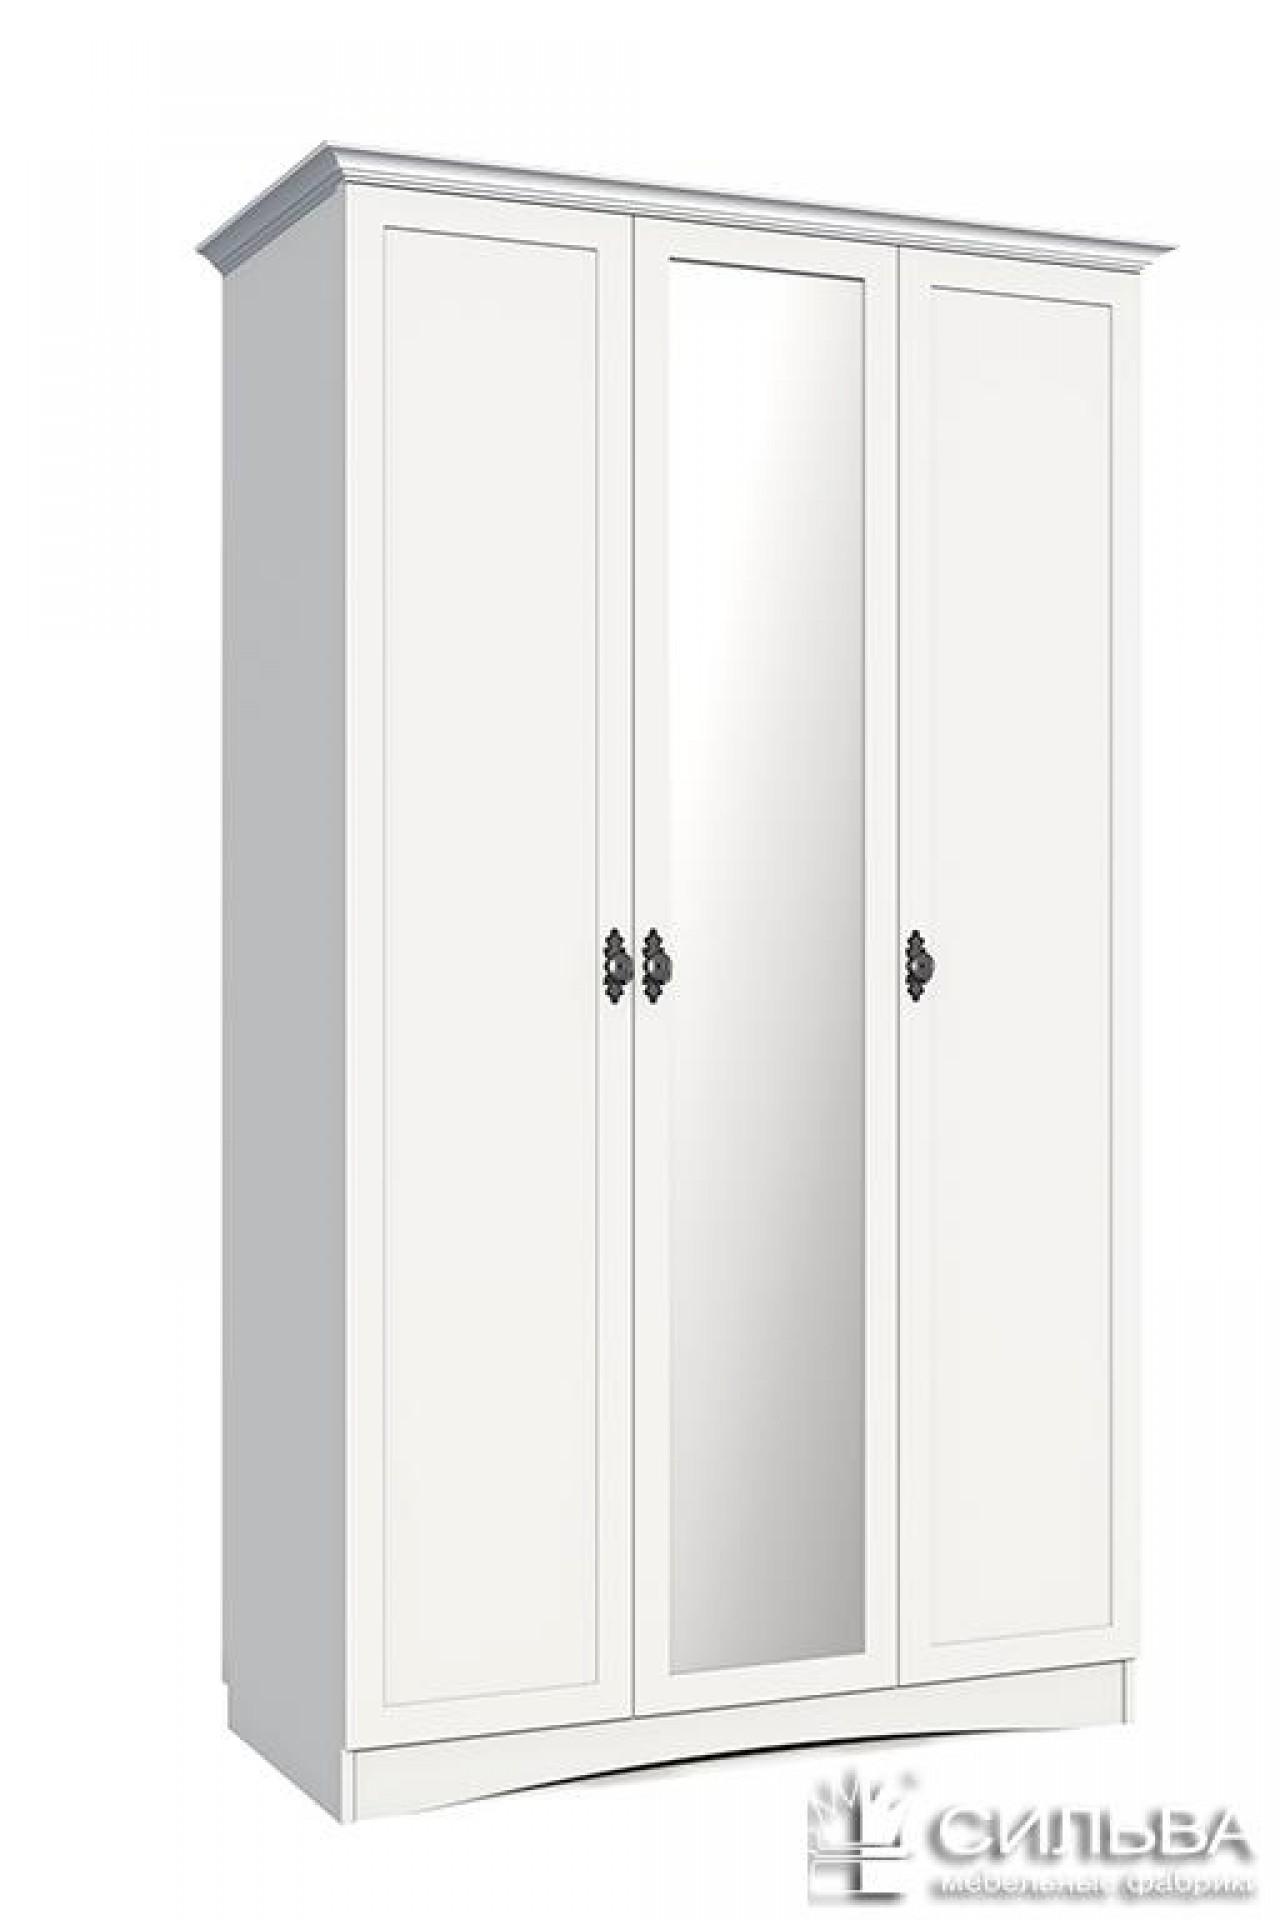 Шкаф комбинированный «Прованс» НМ 009.17